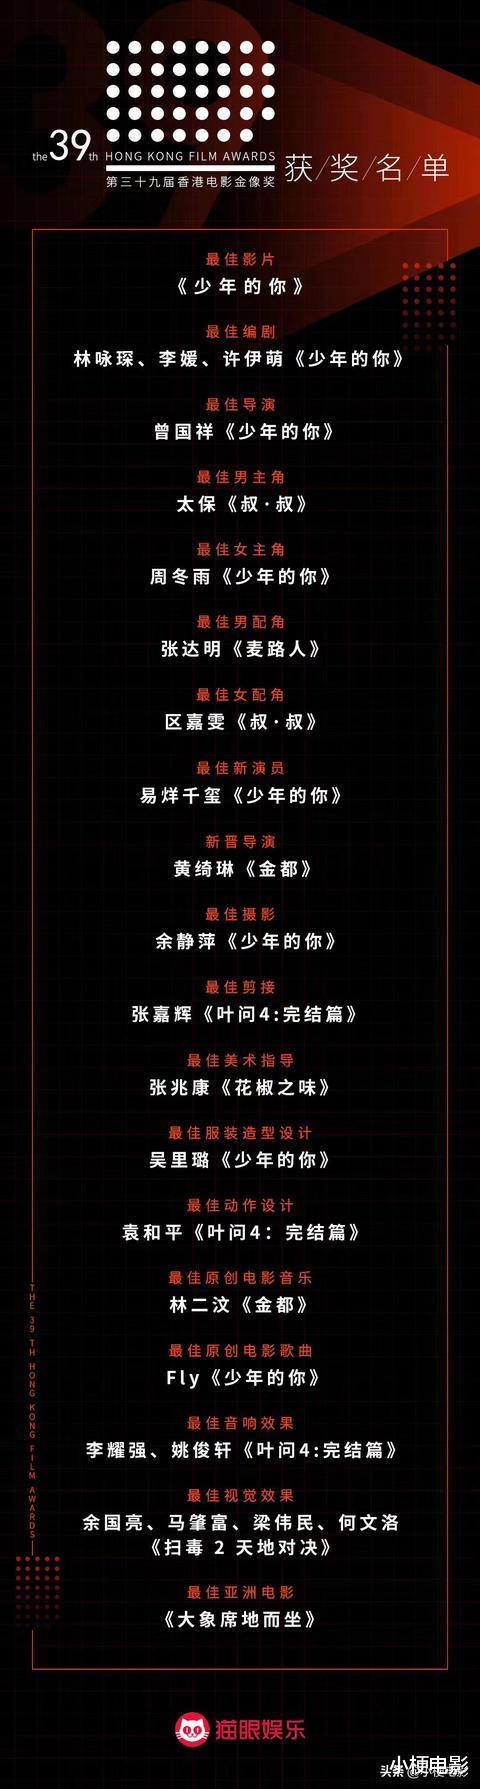 《少年的你》横扫8项金像奖:成为第39届香港金像奖最大赢家